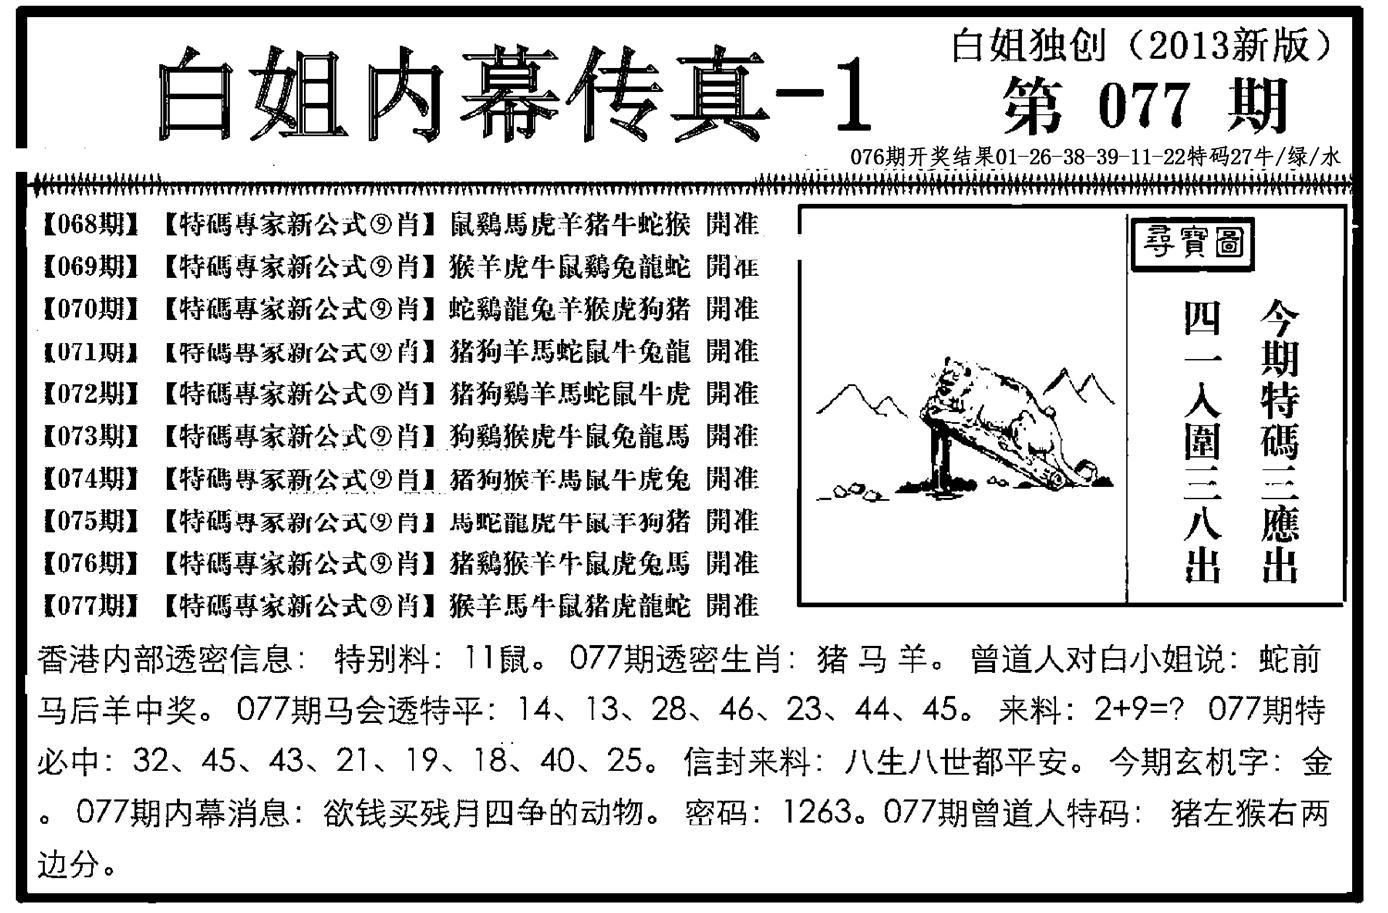 077期白姐内幕传真-1(黑白)